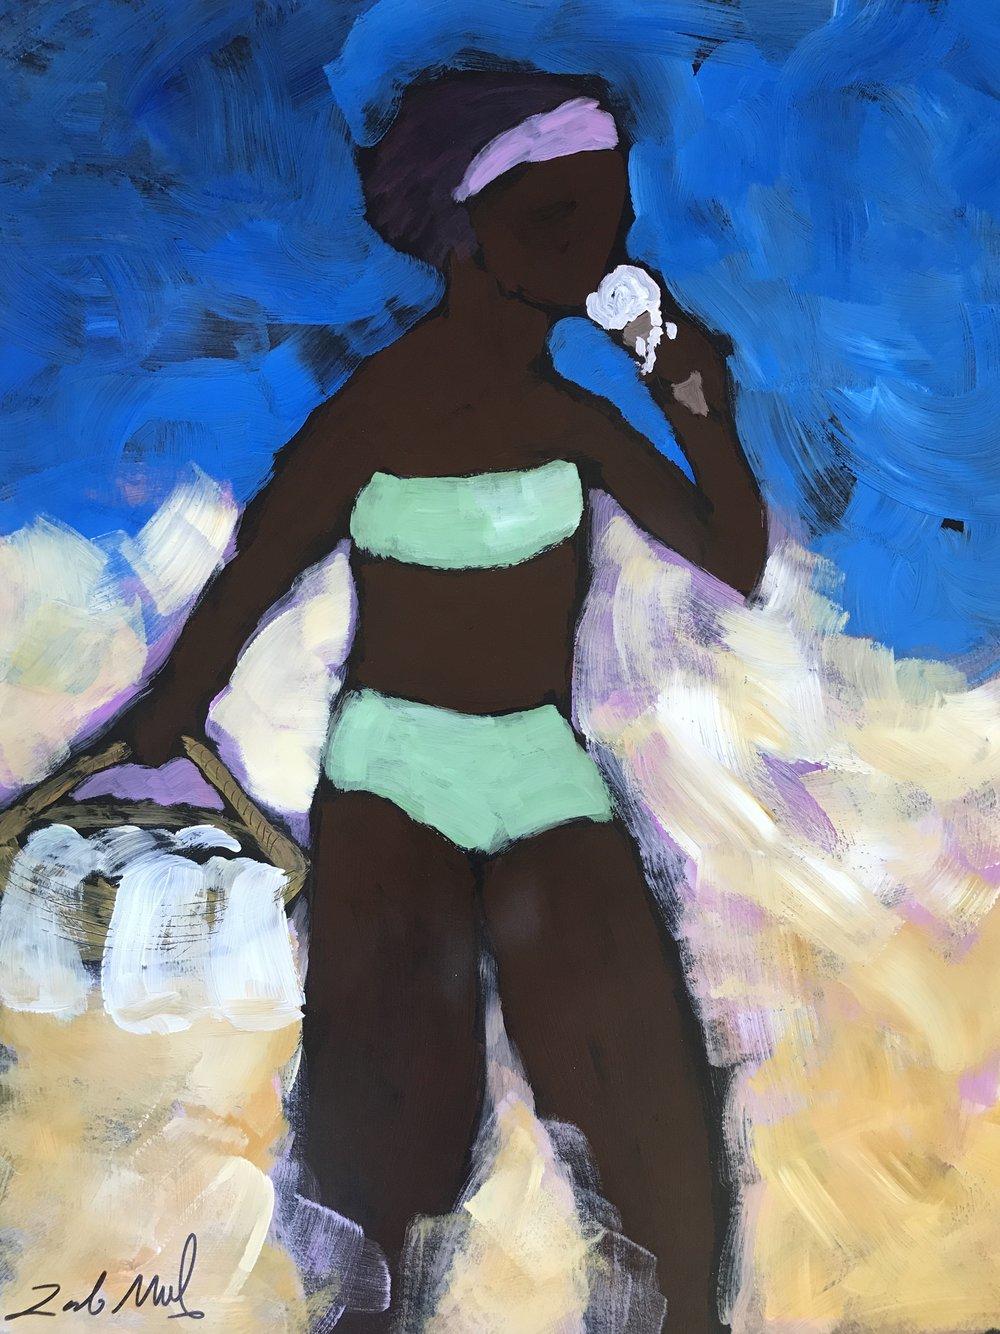 - Girl Eating Ice Cream 28x22 acrylic on paper